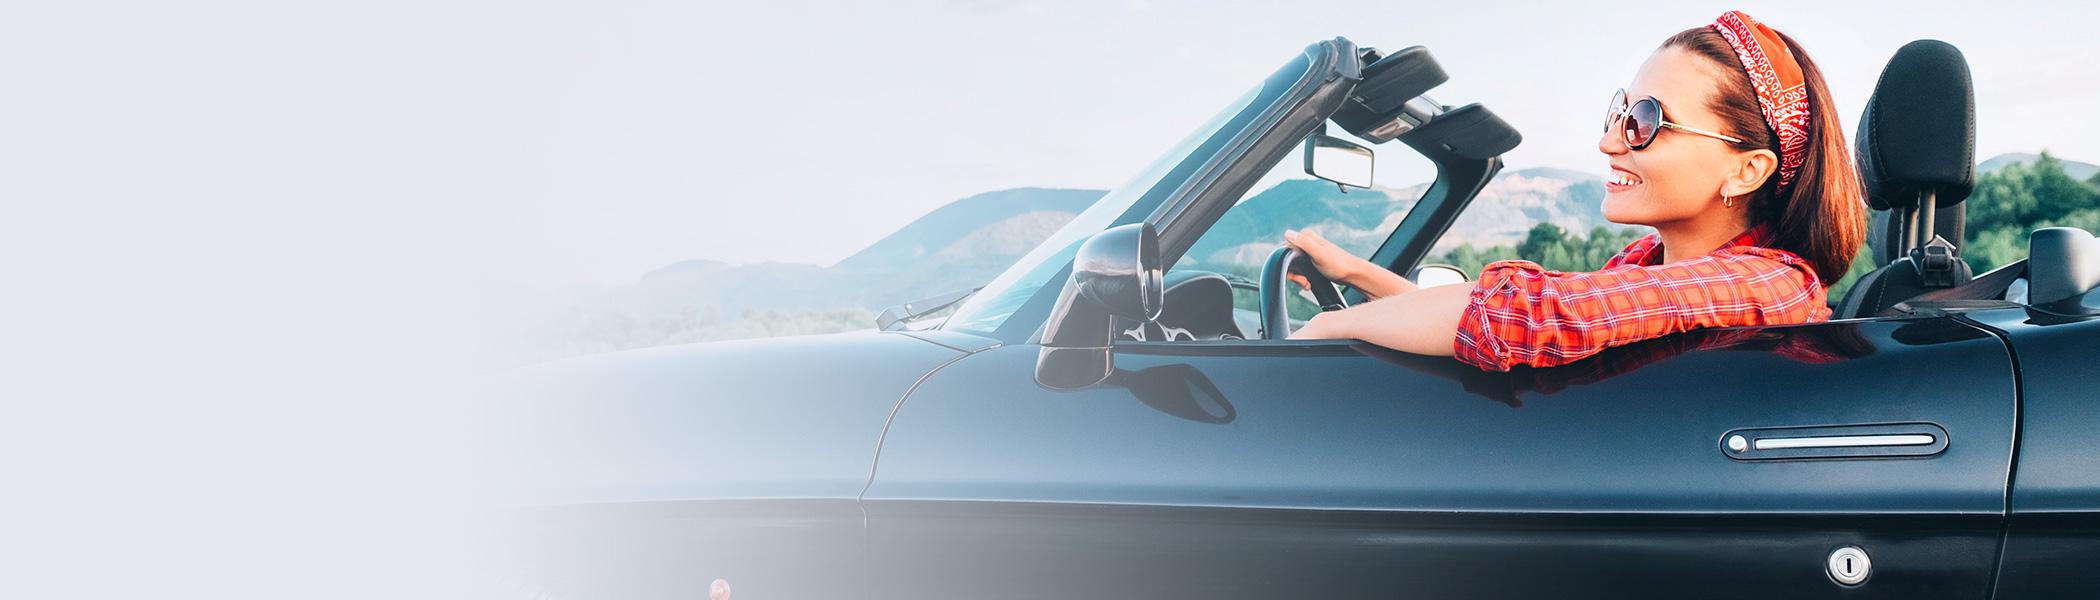 Arabalar hakkında aradığın bilgiyi kolayca bulmak mi istiyorsun? Bunun için hemen KızlarSoruyor arabalar bölümünü ziyaret etmen ve konuları incelemen yeterli!